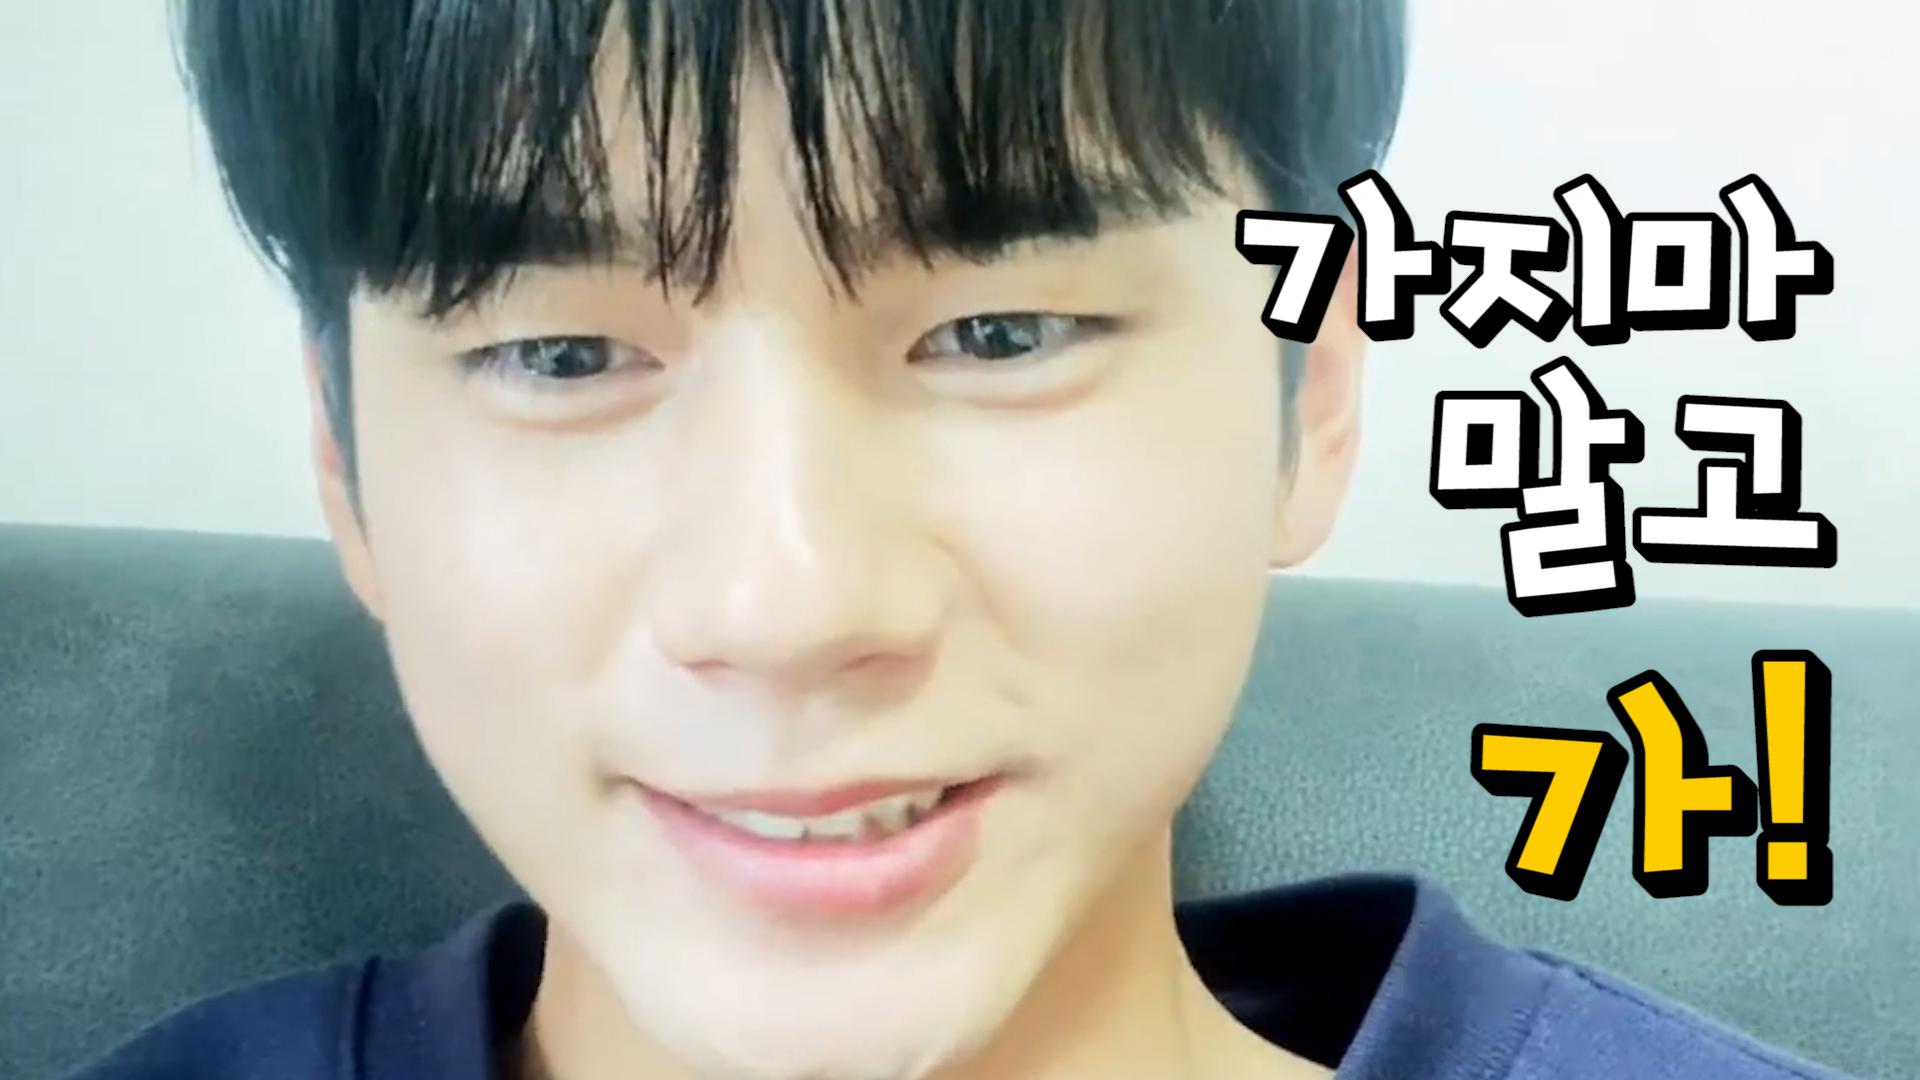 [ONG SEONG WU] 떵우와 함께라서 행복해😘 스윗해피드리밍🎶 (SEONGWU talking about drama)